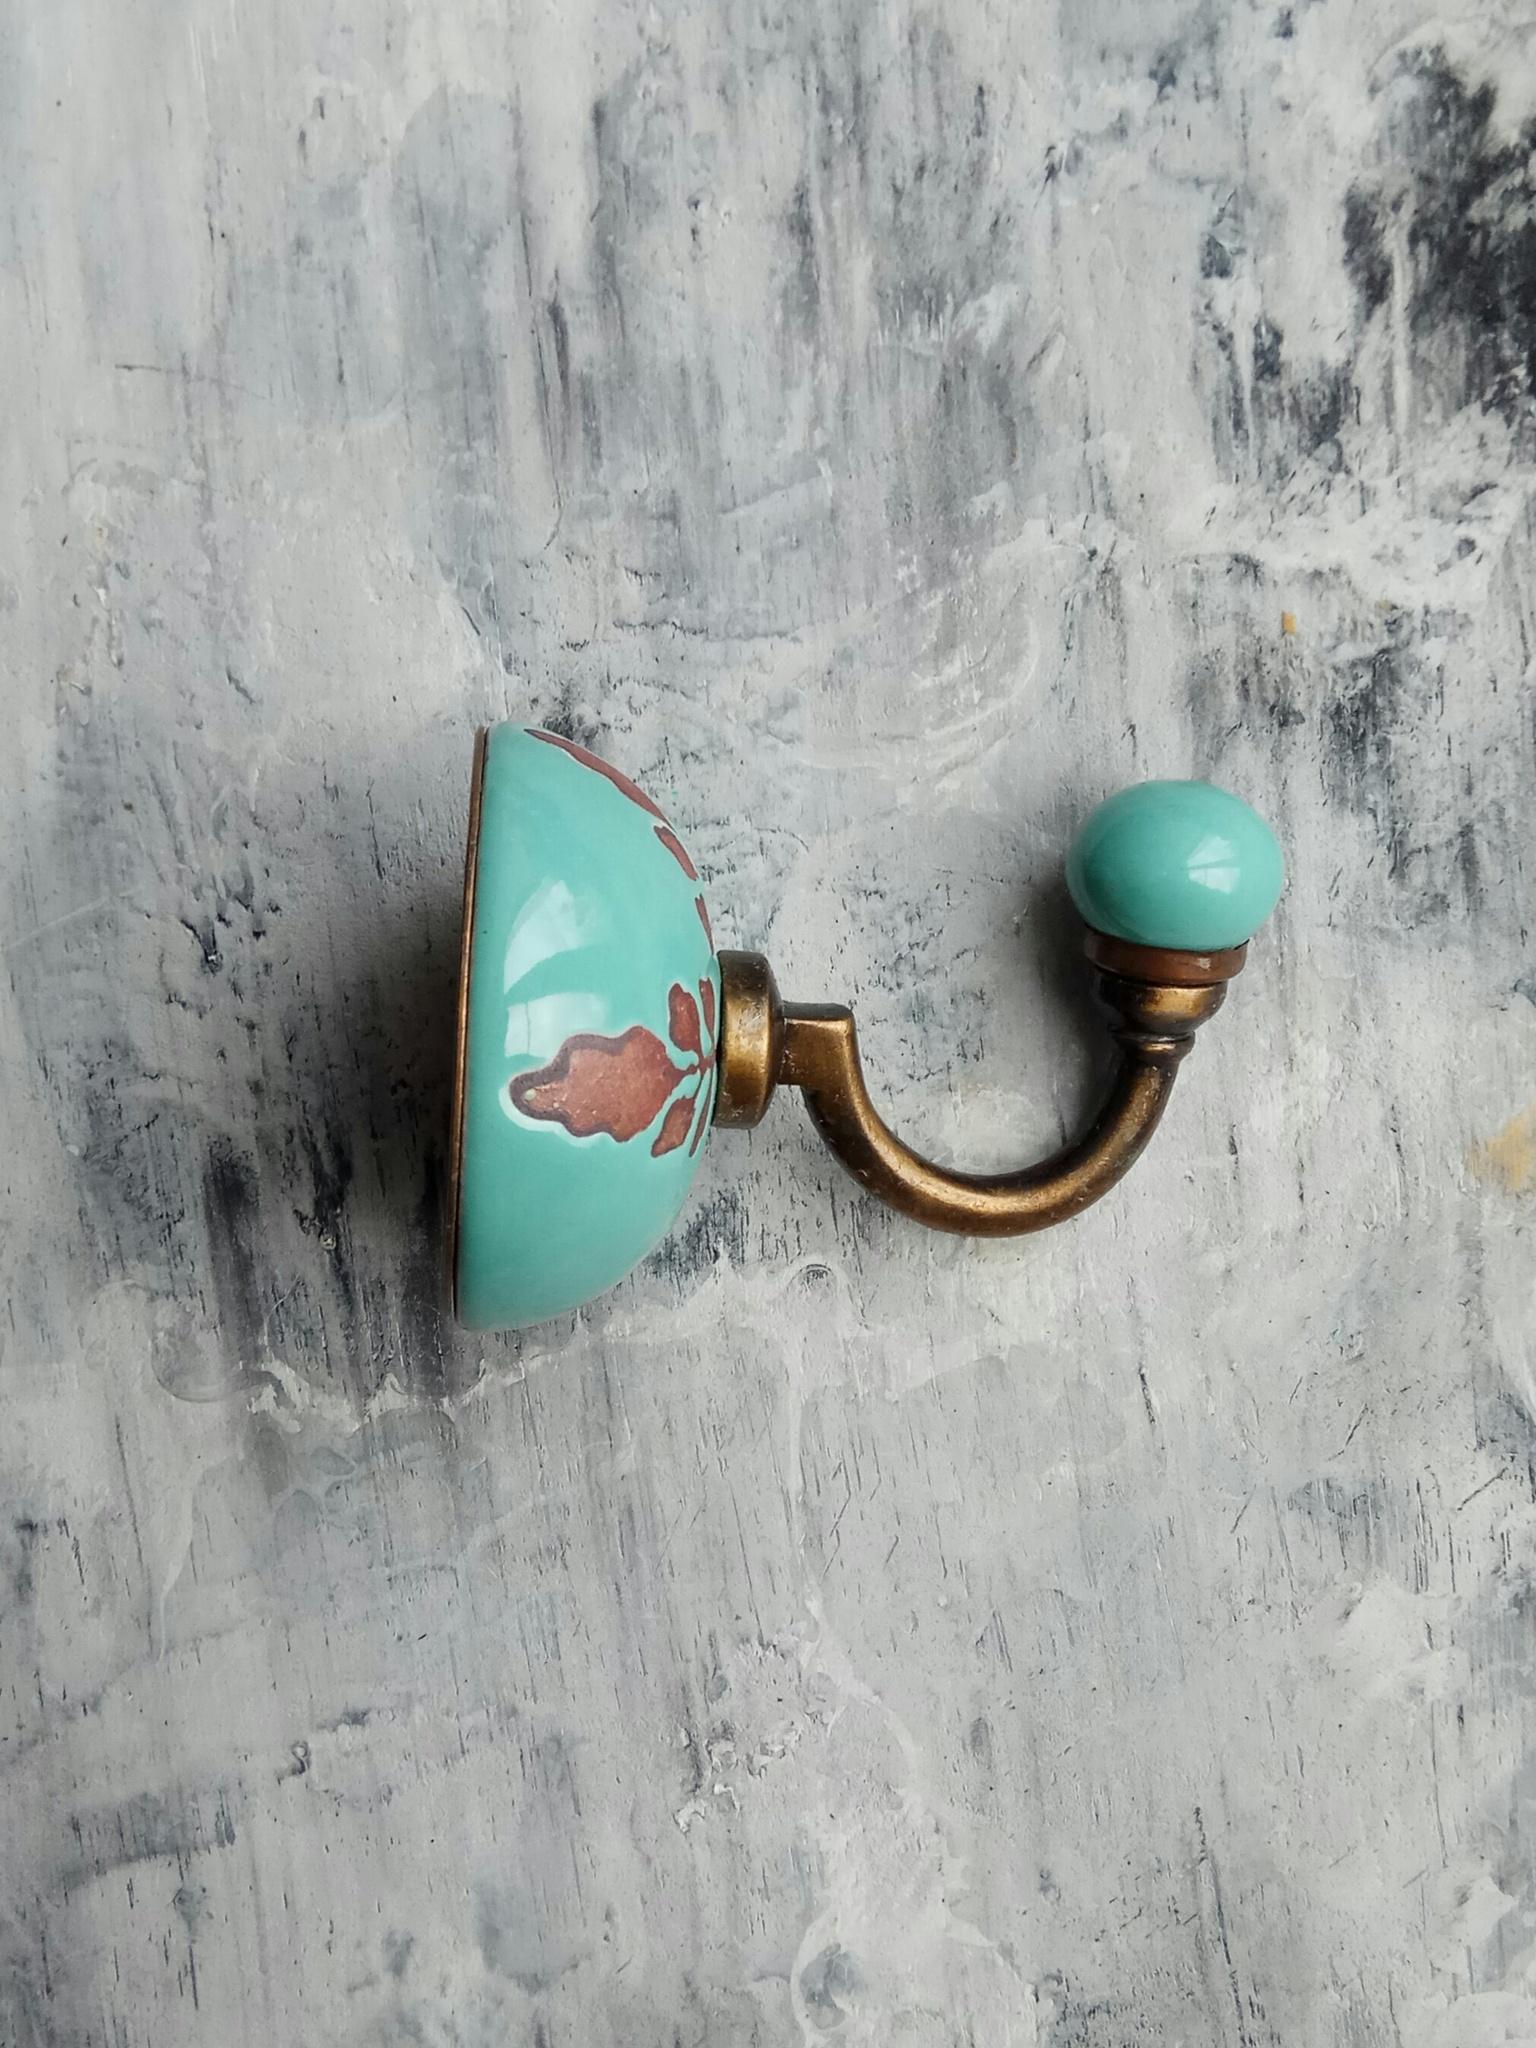 Крючок керамический цвета морской волны с орнаментом